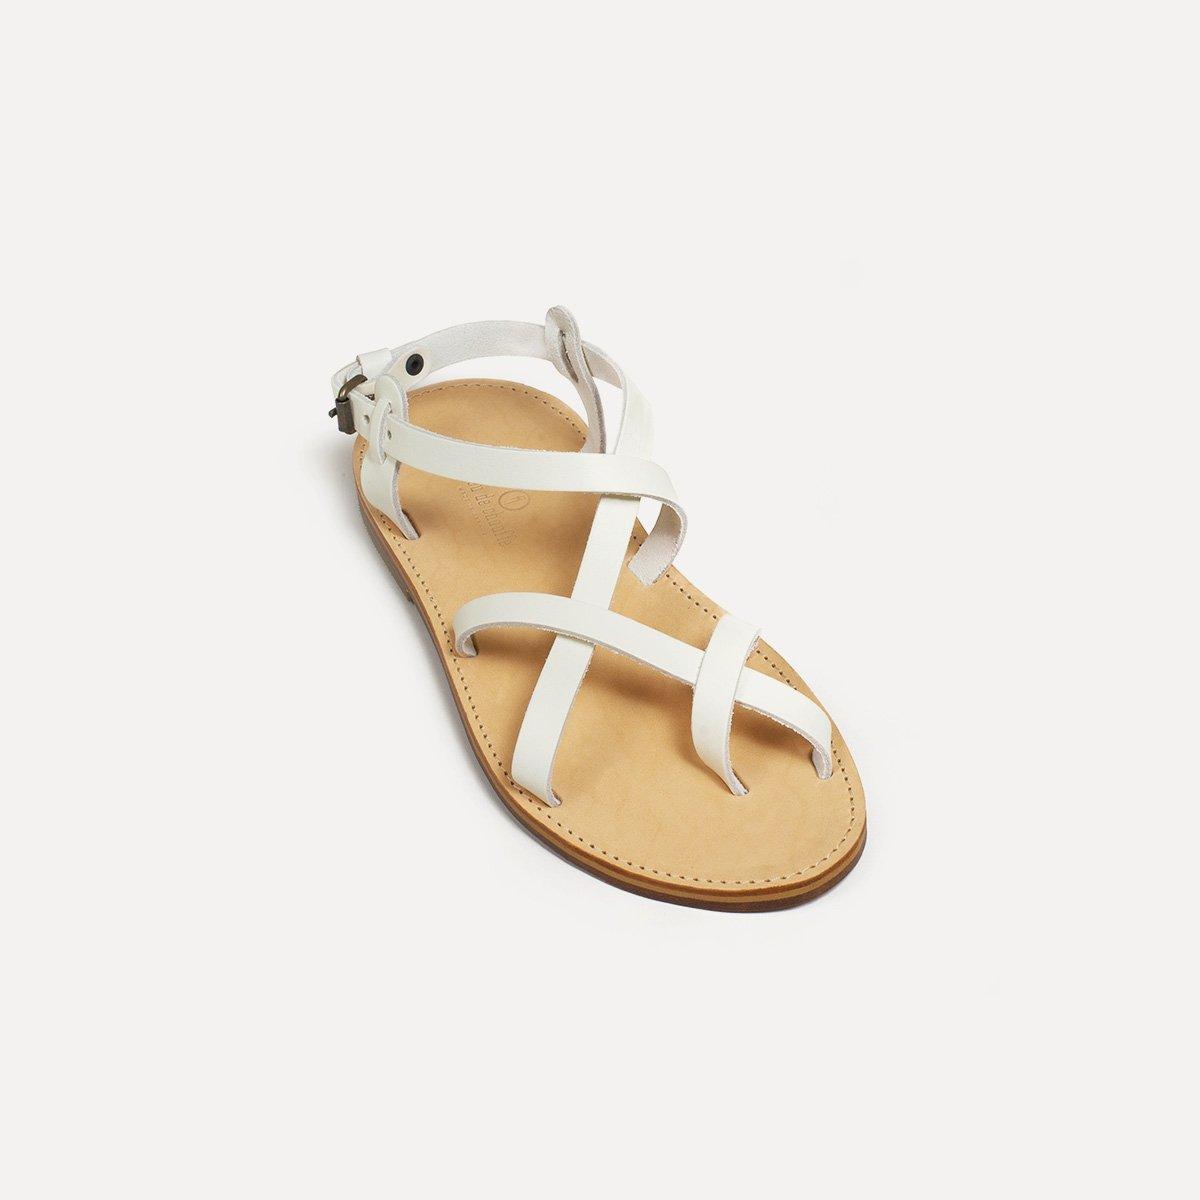 Sandales cuir Nara - Blanc (image n°2)